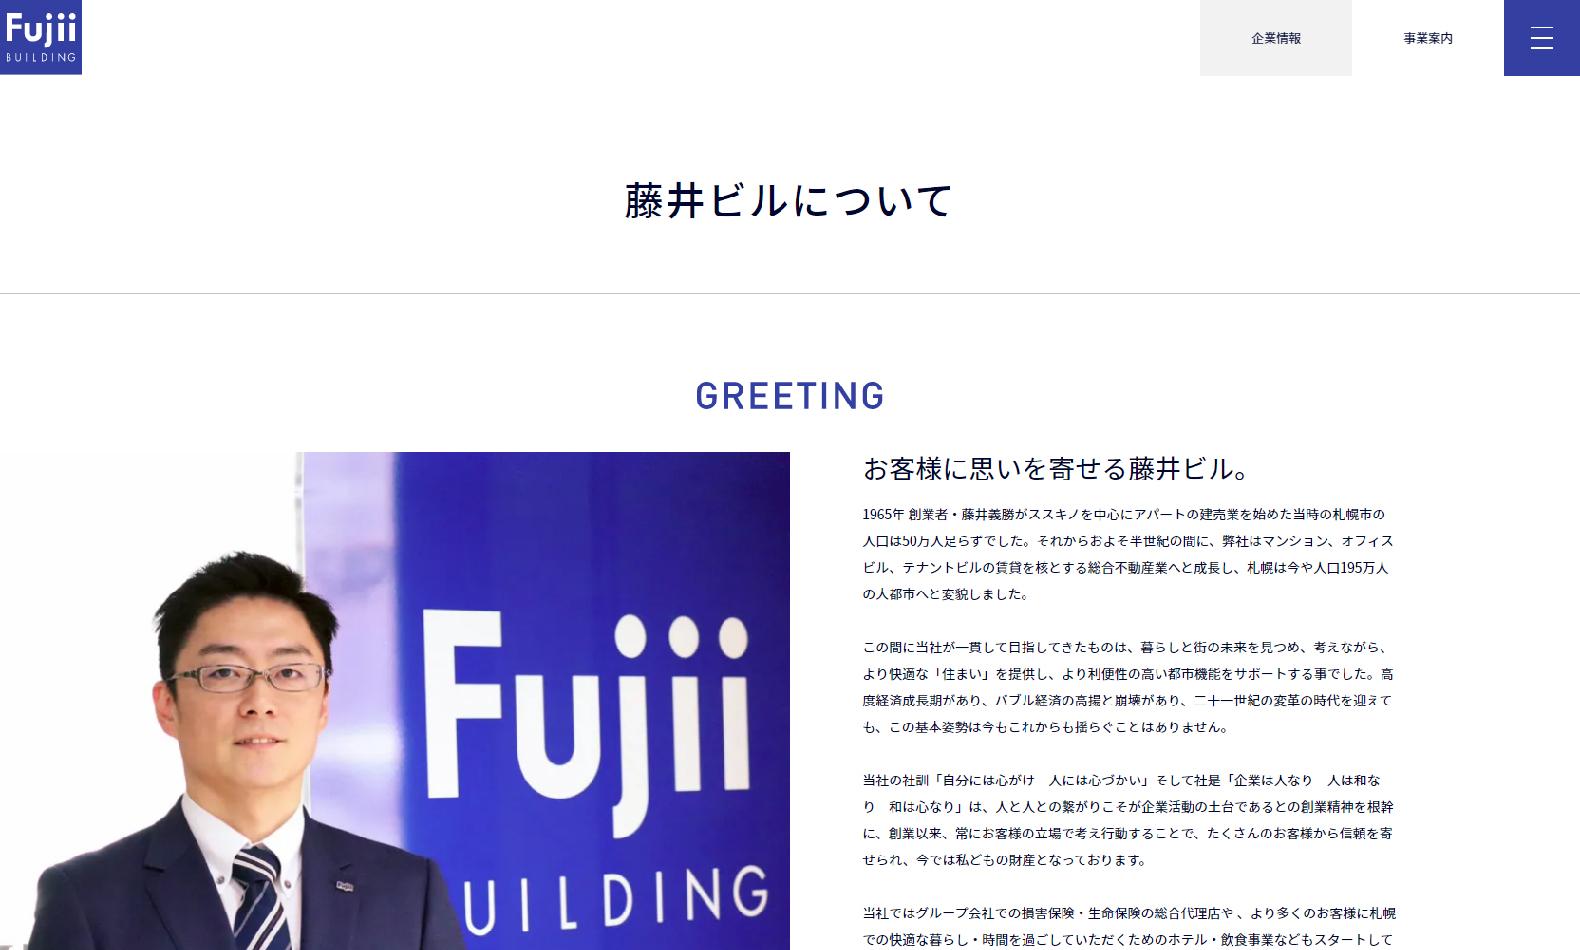 藤井ビル 企業サイト